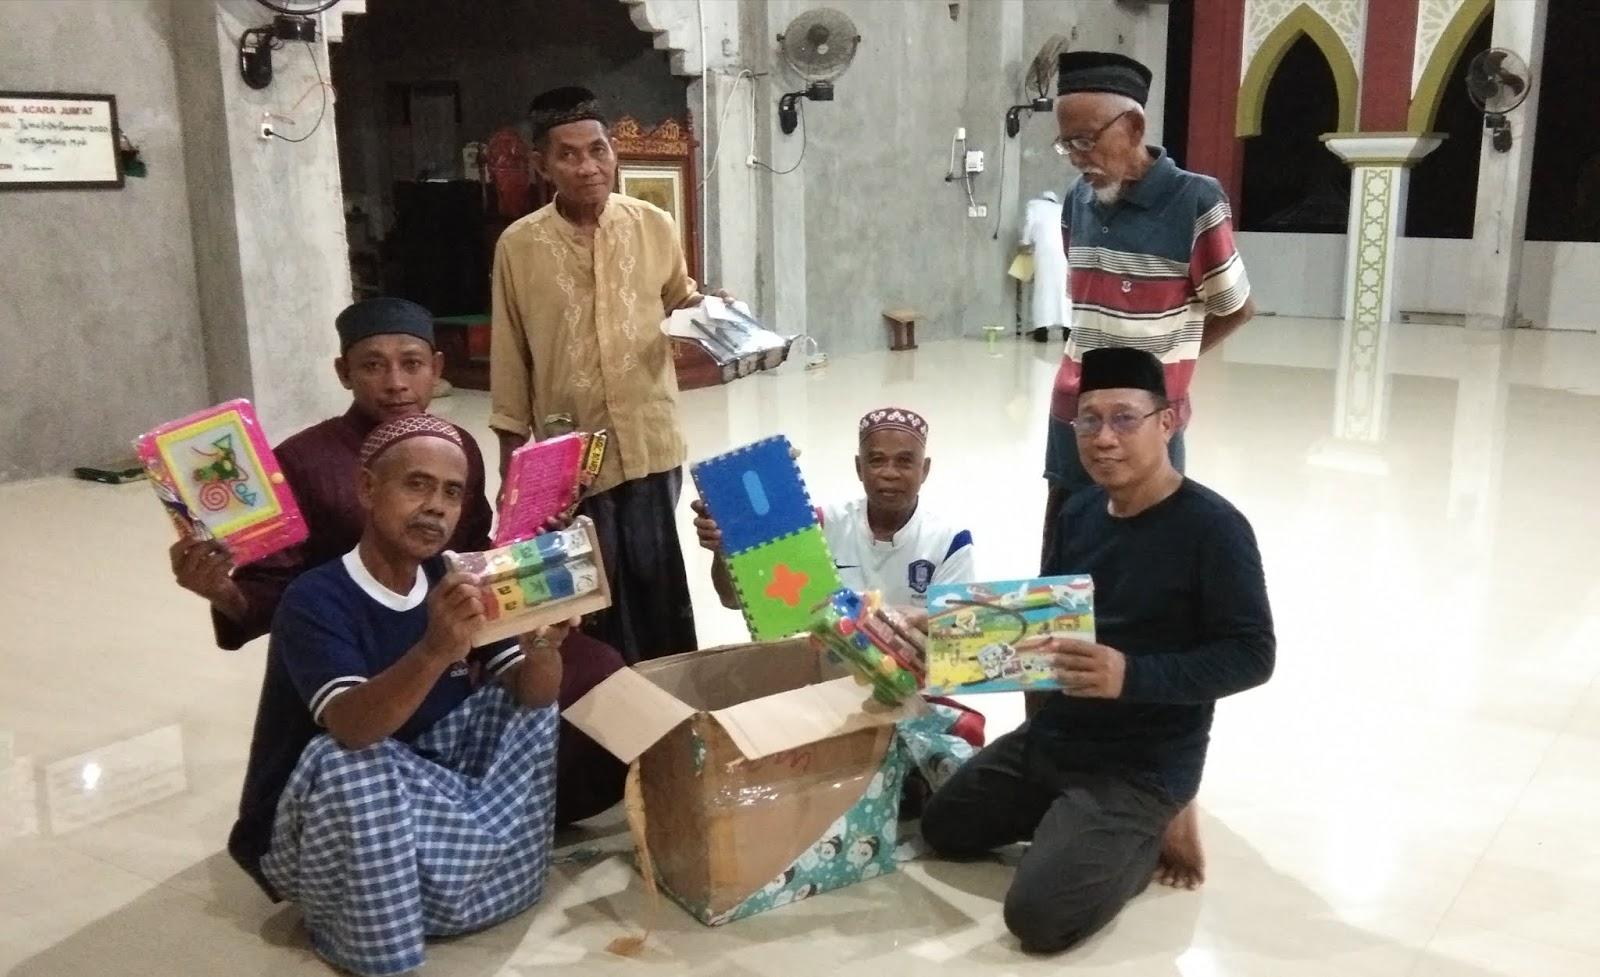 Penyerahan Bantuan Stimulan Alat Permainan Edukasi. Program Masjid Ramah Anak